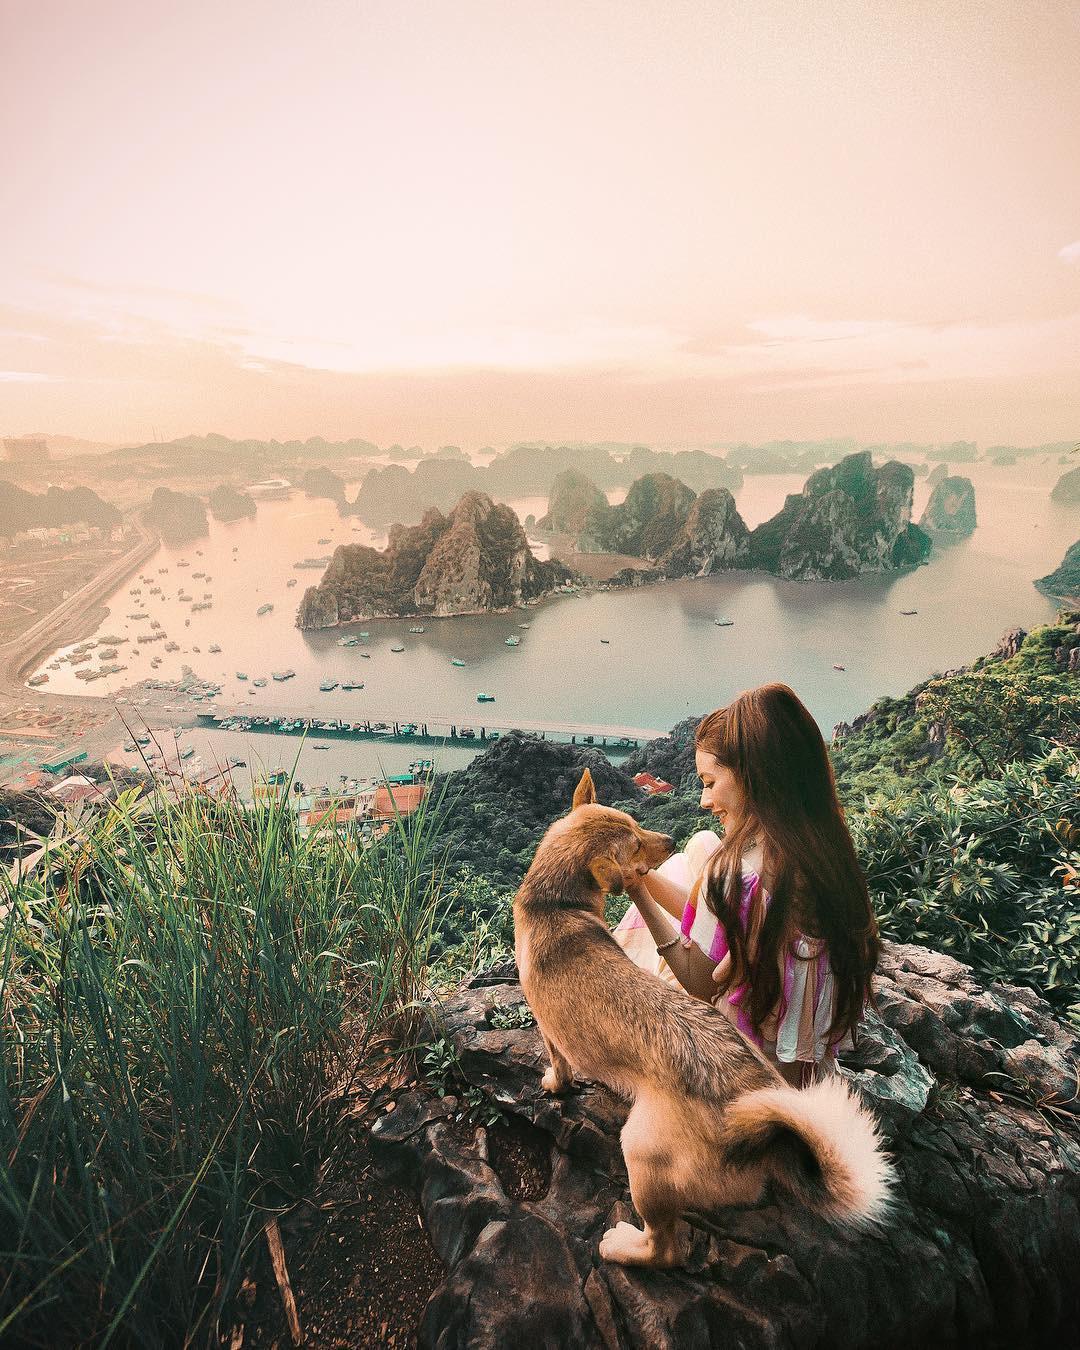 Thêm những bức ảnh đẹp mê mẩn của công chúa tóc mây Sarah Trần trong chuyến du hí Việt Nam - Ảnh 3.